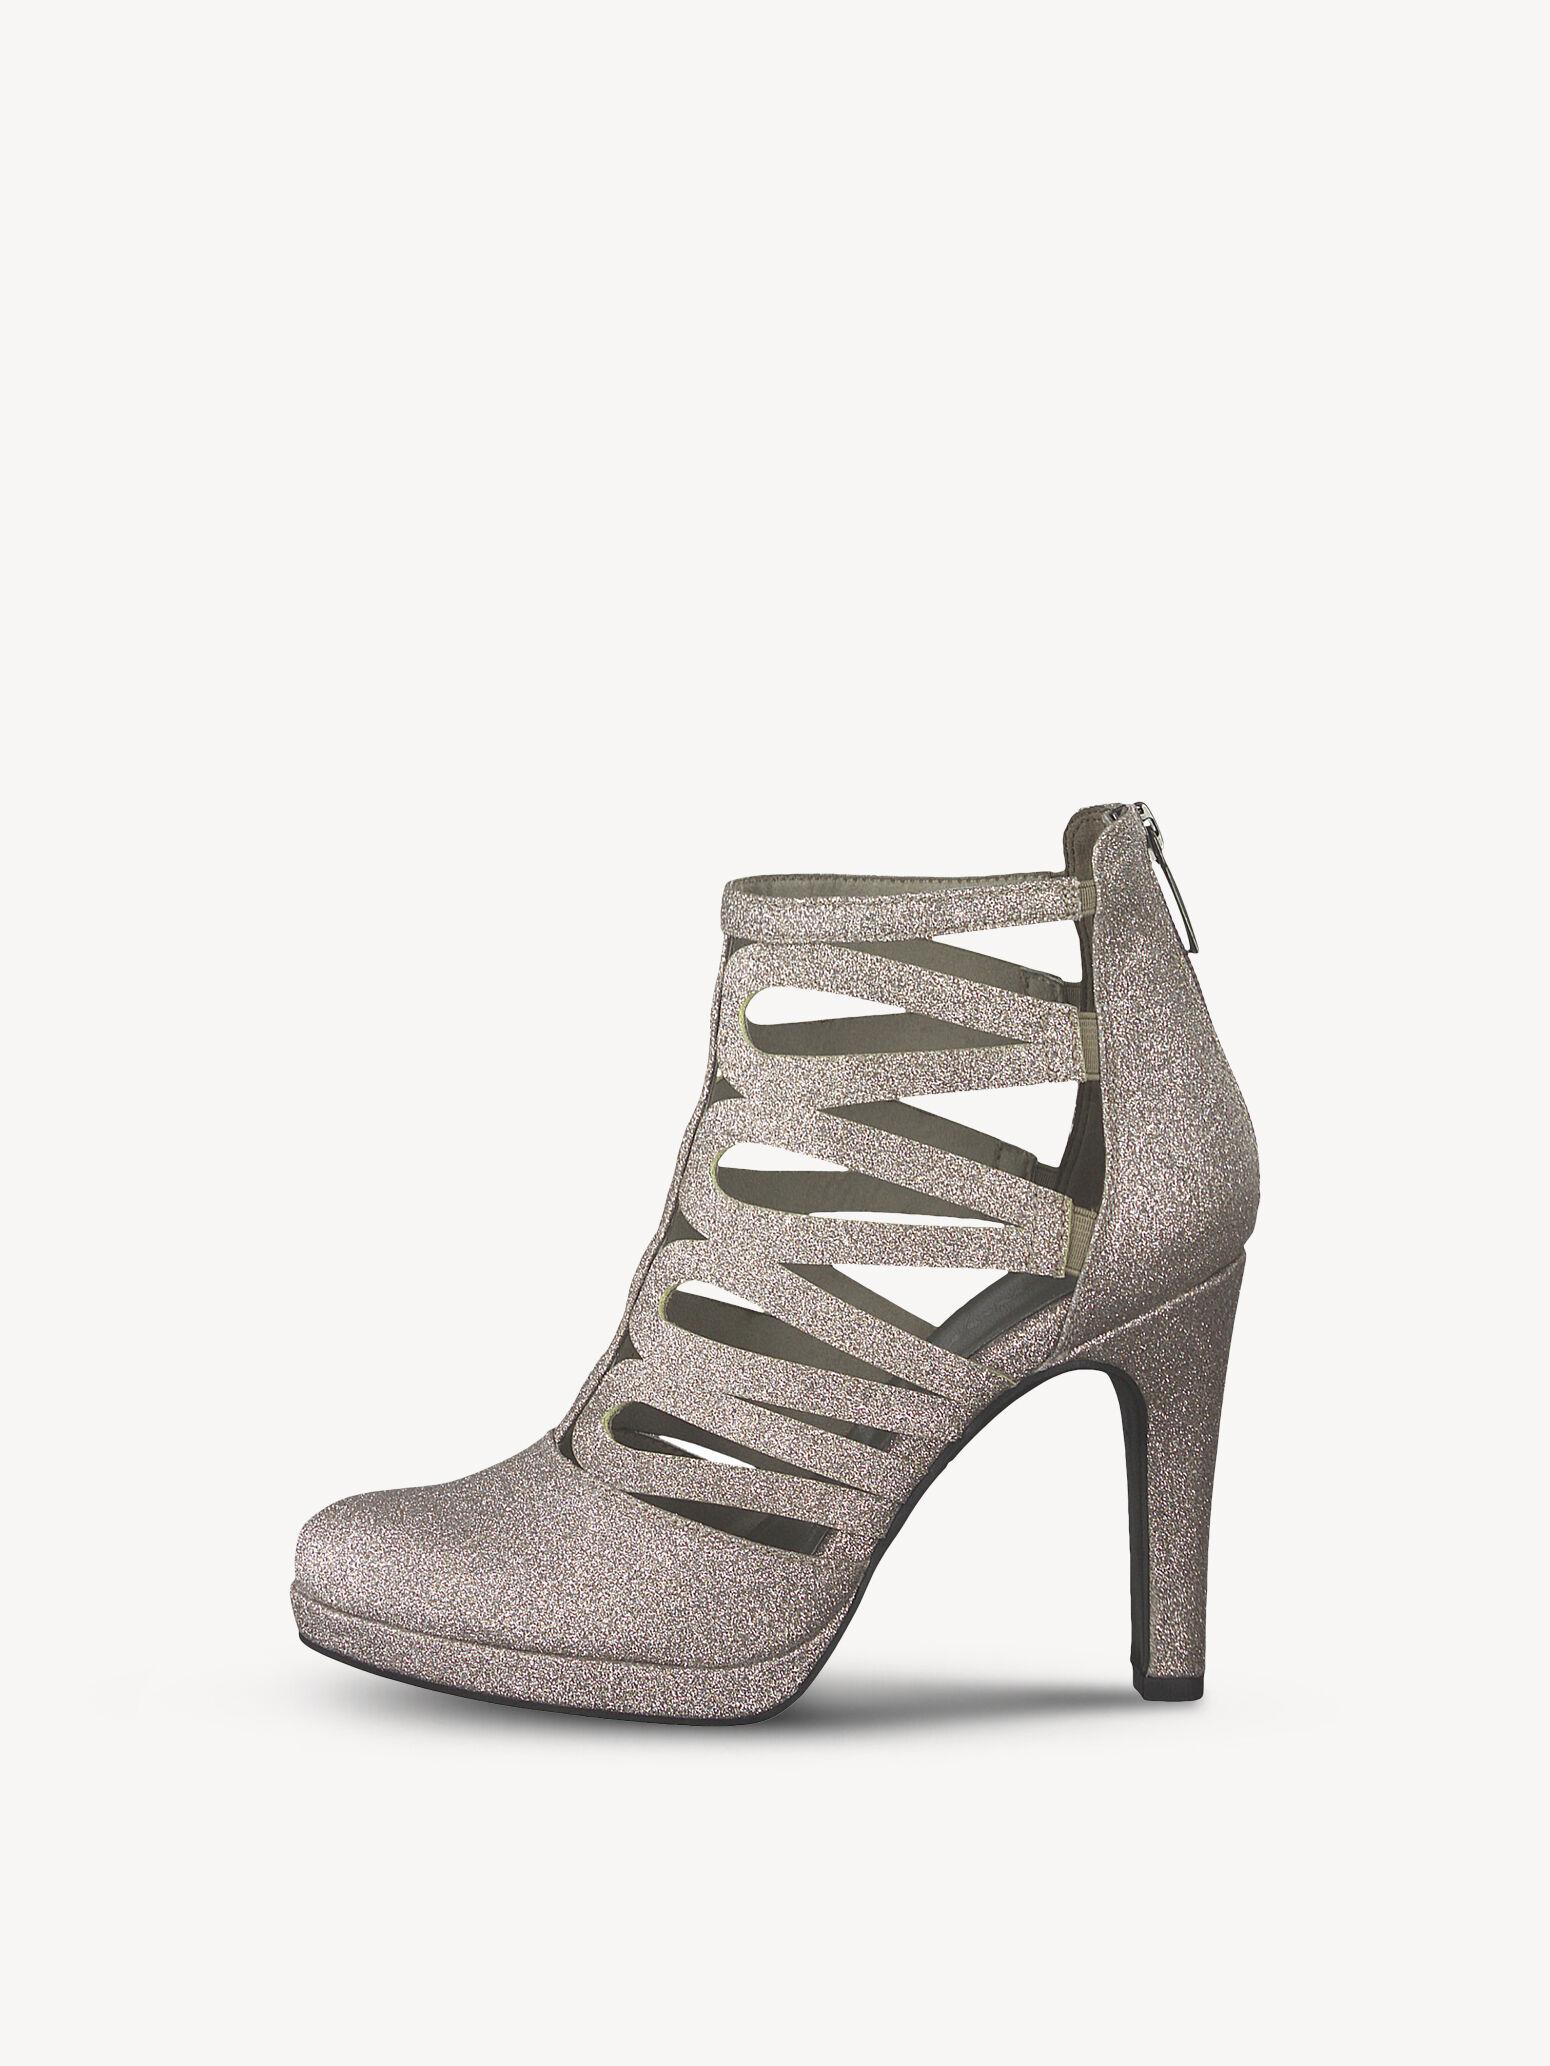 Offizieller Online Stiefeletten Shop Damen Tamaris Kaufen Für xWdBoerC